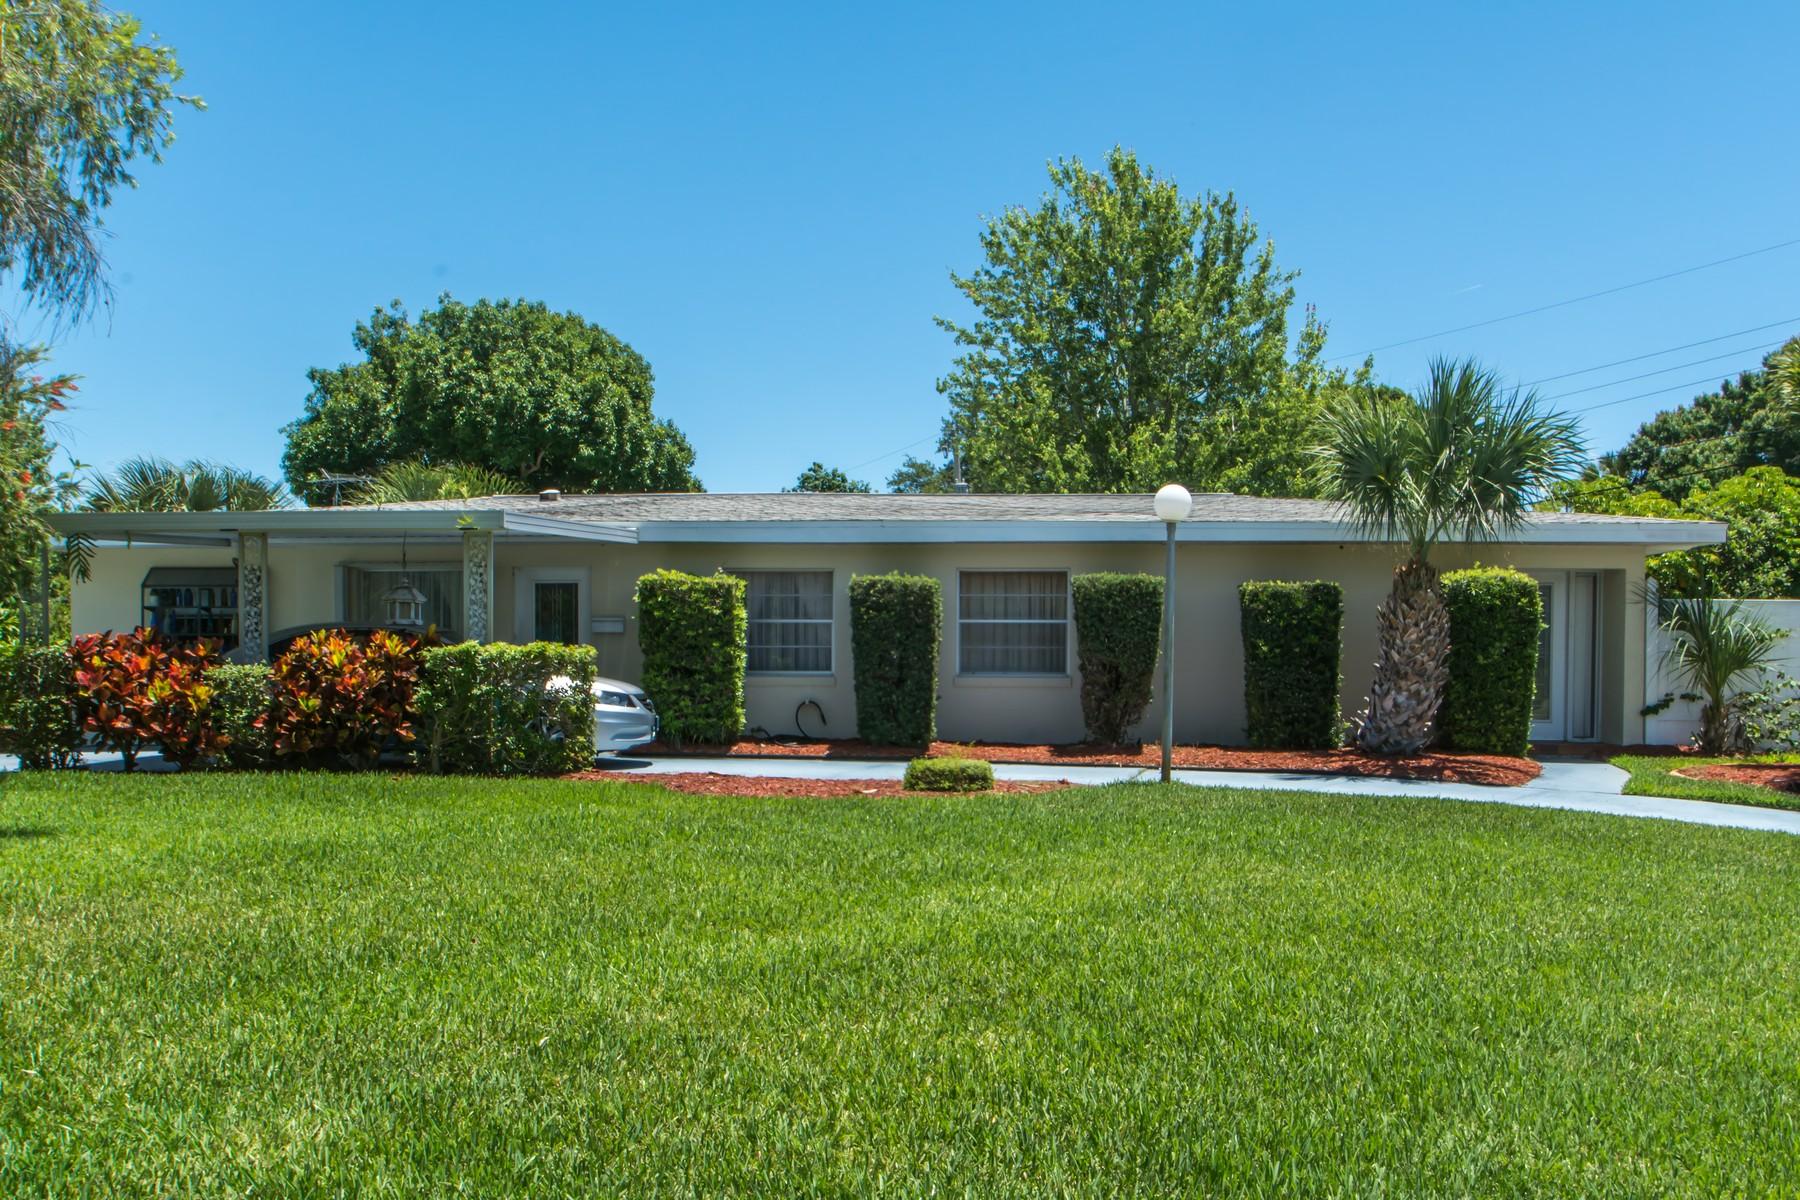 Casa para uma família para Venda às 343 Patrick Circle Melbourne, Florida, 32901 Estados Unidos